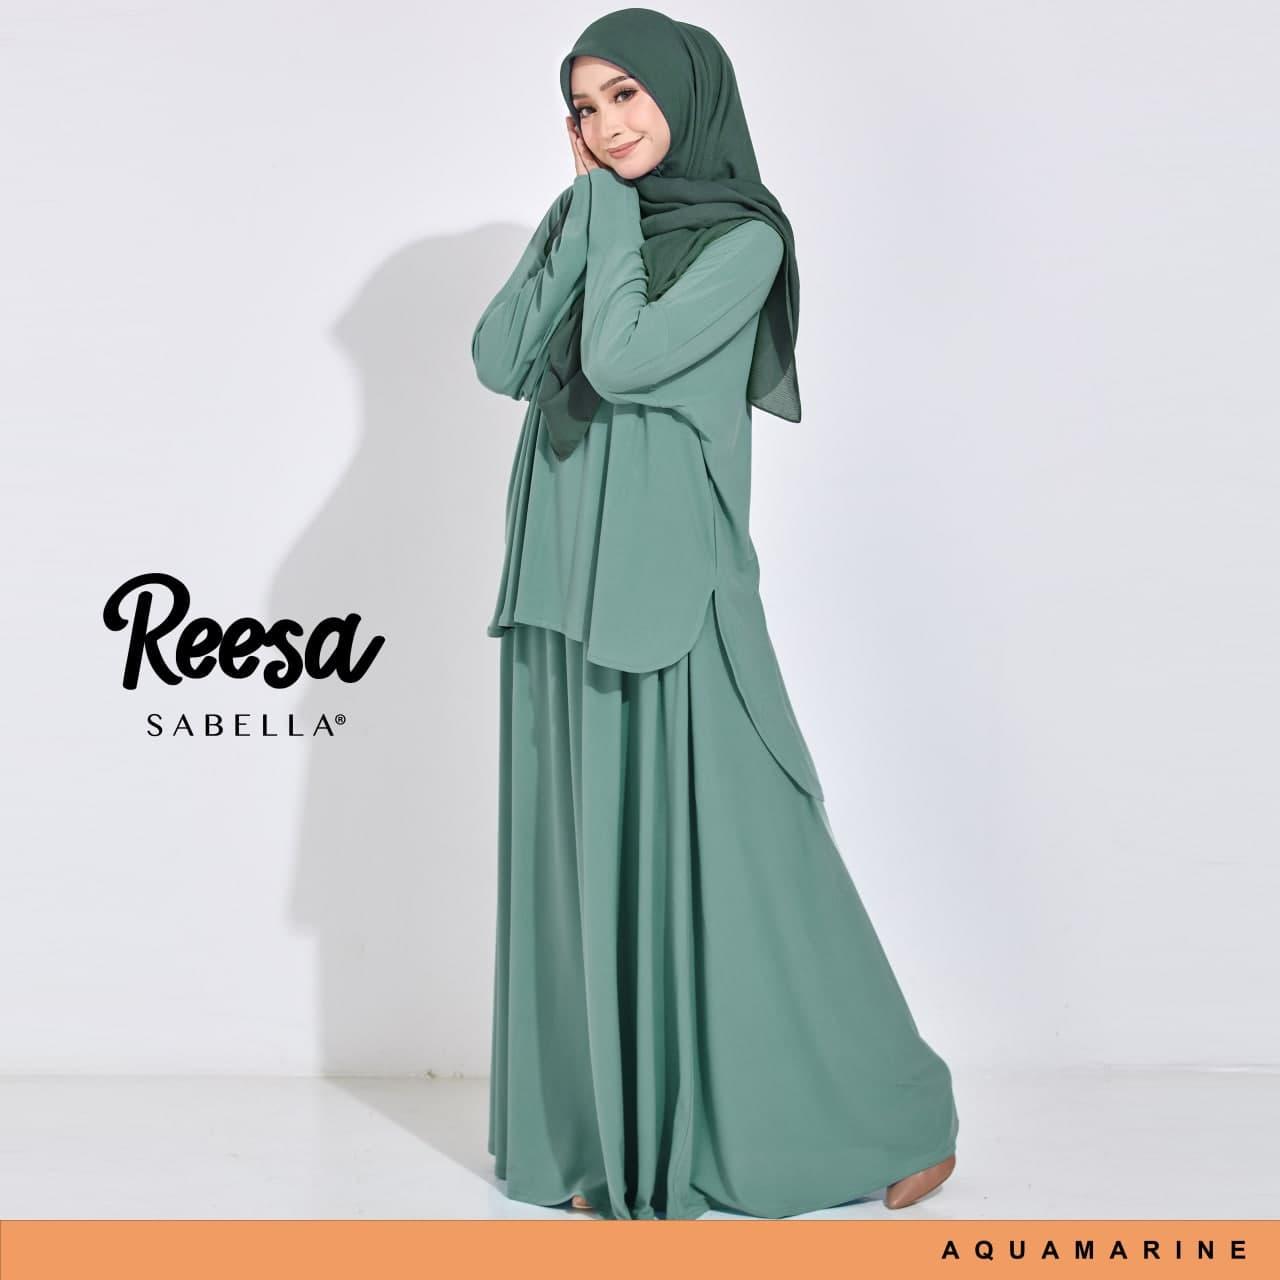 Reesa 4.0 Aquamarine